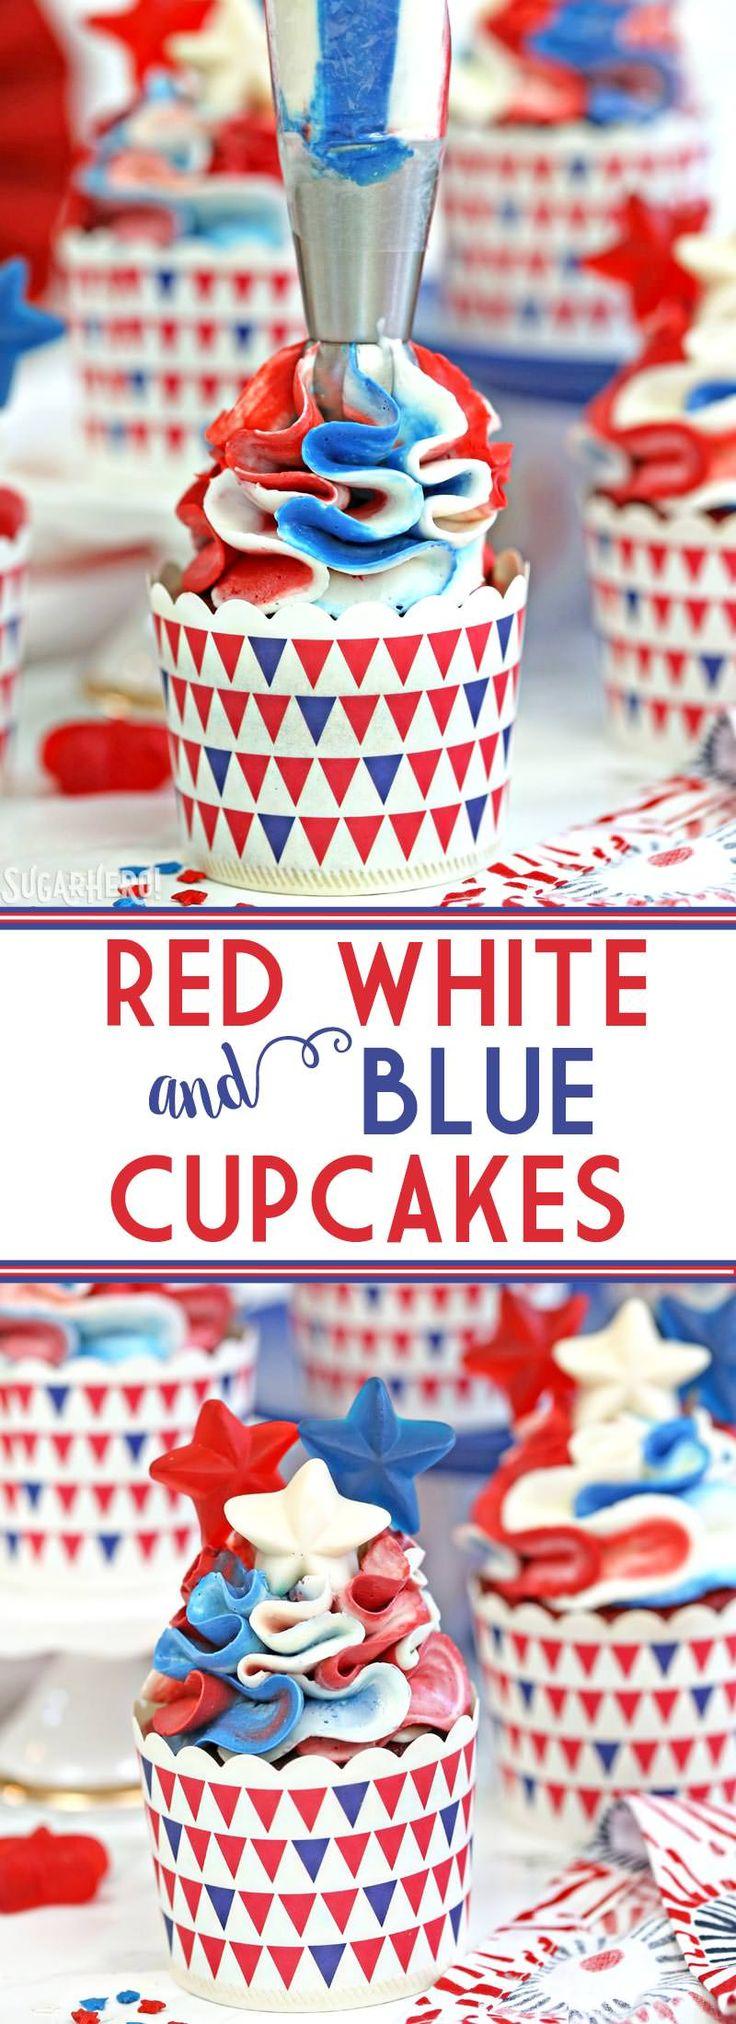 Magdalenas rojas, blancas y azules - las magdalenas rojas bastante veladas rojas del terciopelo, perfeccionan para el cuarto de julio!  |  Desde SugarHero.com